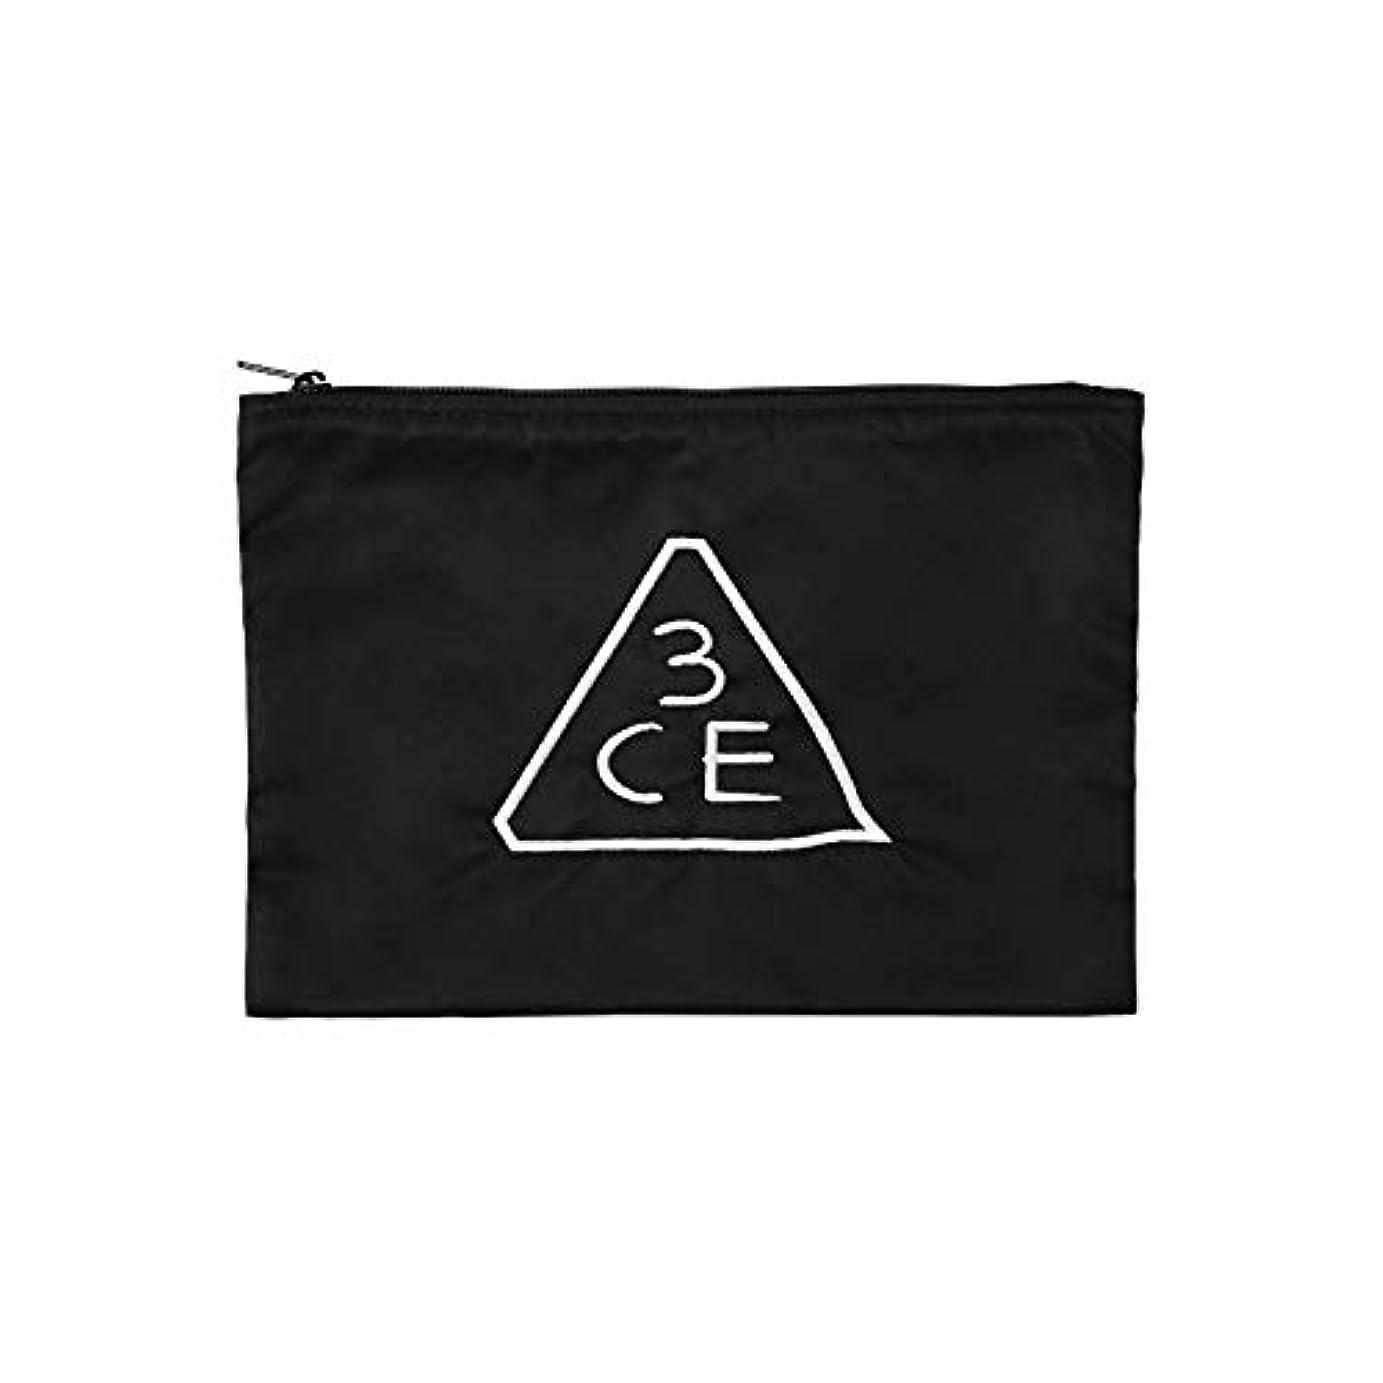 文法修士号軽減する3CE フラットポーチ FLAT POUCH MEDIUM #BLACK [並行輸入品]